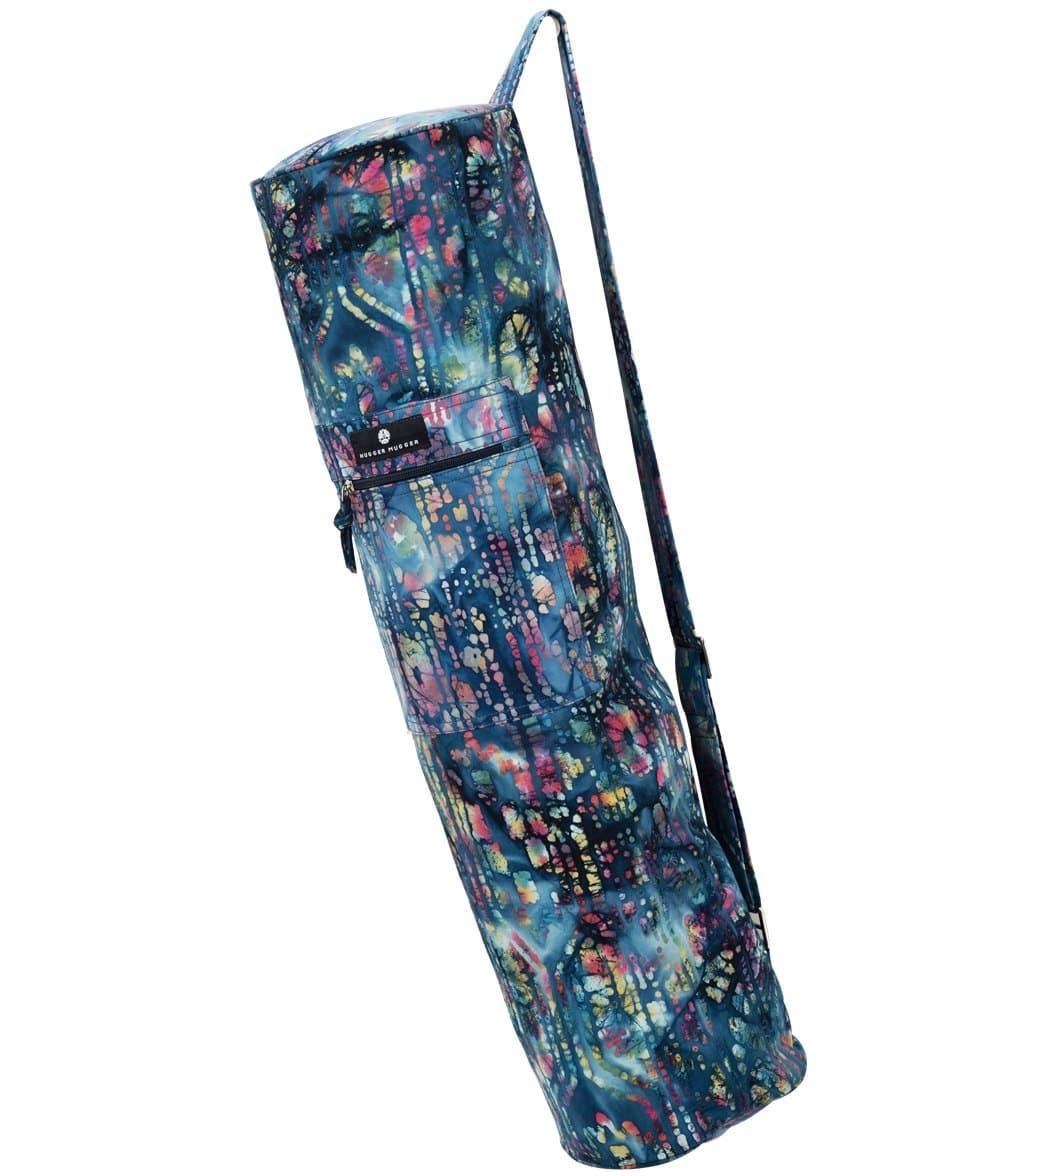 Hugger Mugger Batik Yoga Mat Bag at YogaOutlet.com 9065e9e4f43d1